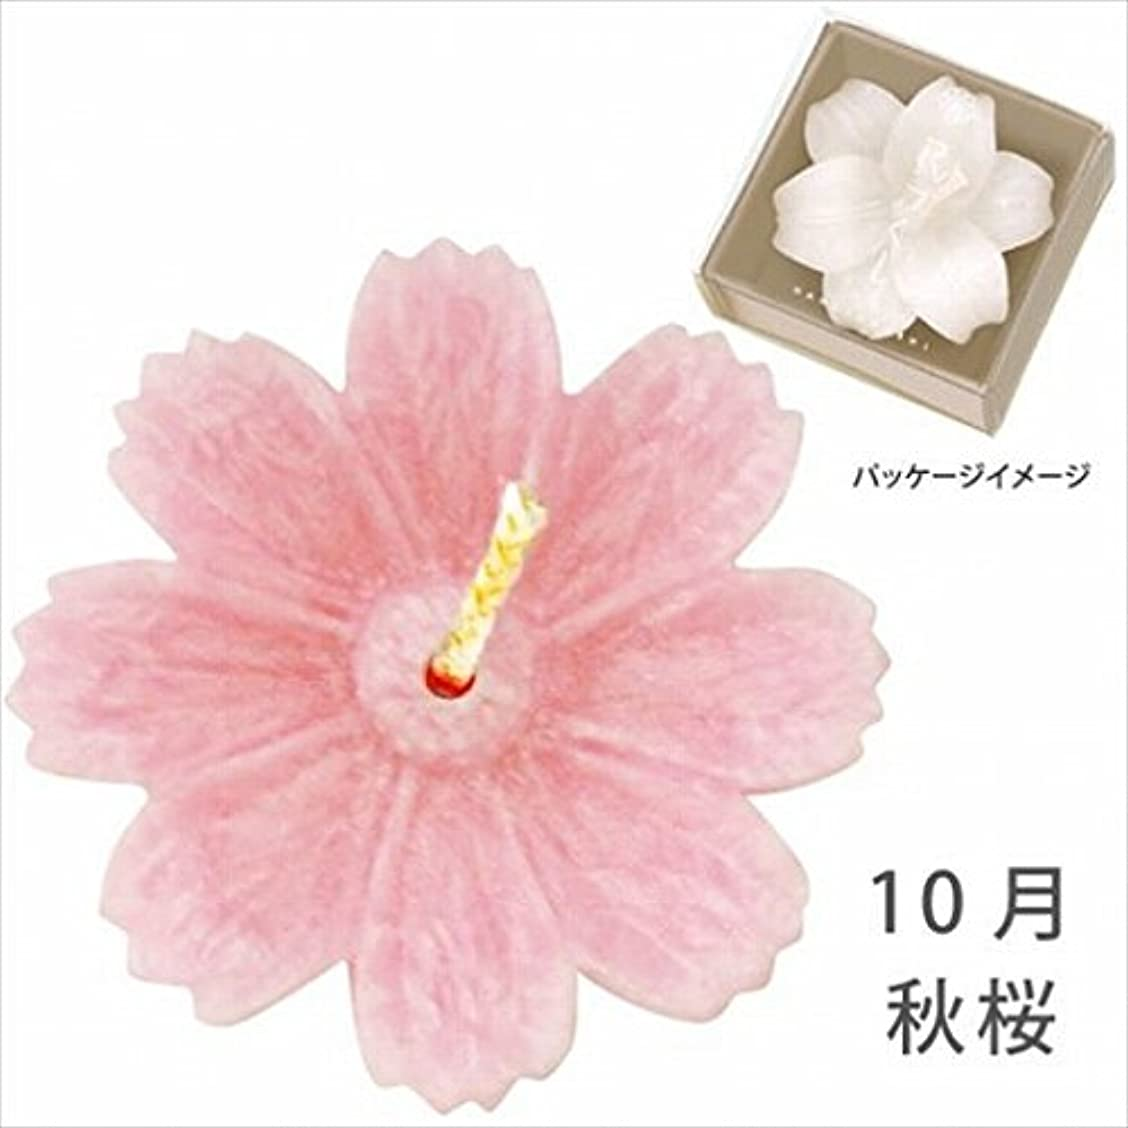 浸漬トレードポンプカメヤマキャンドル(kameyama candle) 花づくし(植物性) 秋桜 「 秋桜(10月) 」 キャンドル